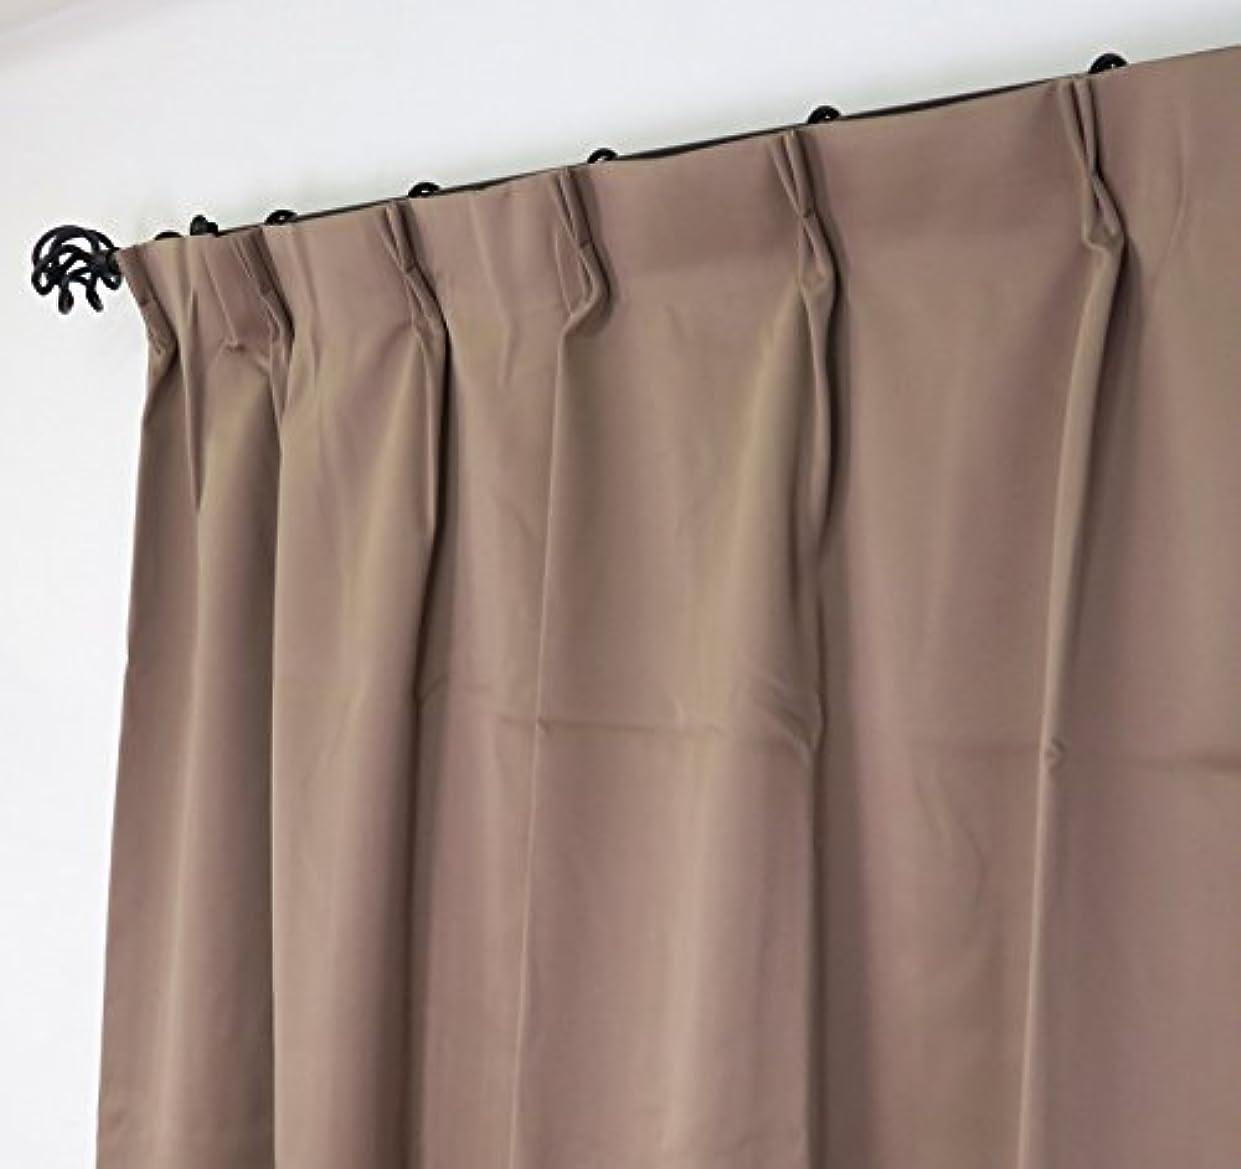 特異性抗生物質ヨーロッパ1級遮光カーテン 巾100cm×丈110cm2枚 ブラウン SATENBR100110